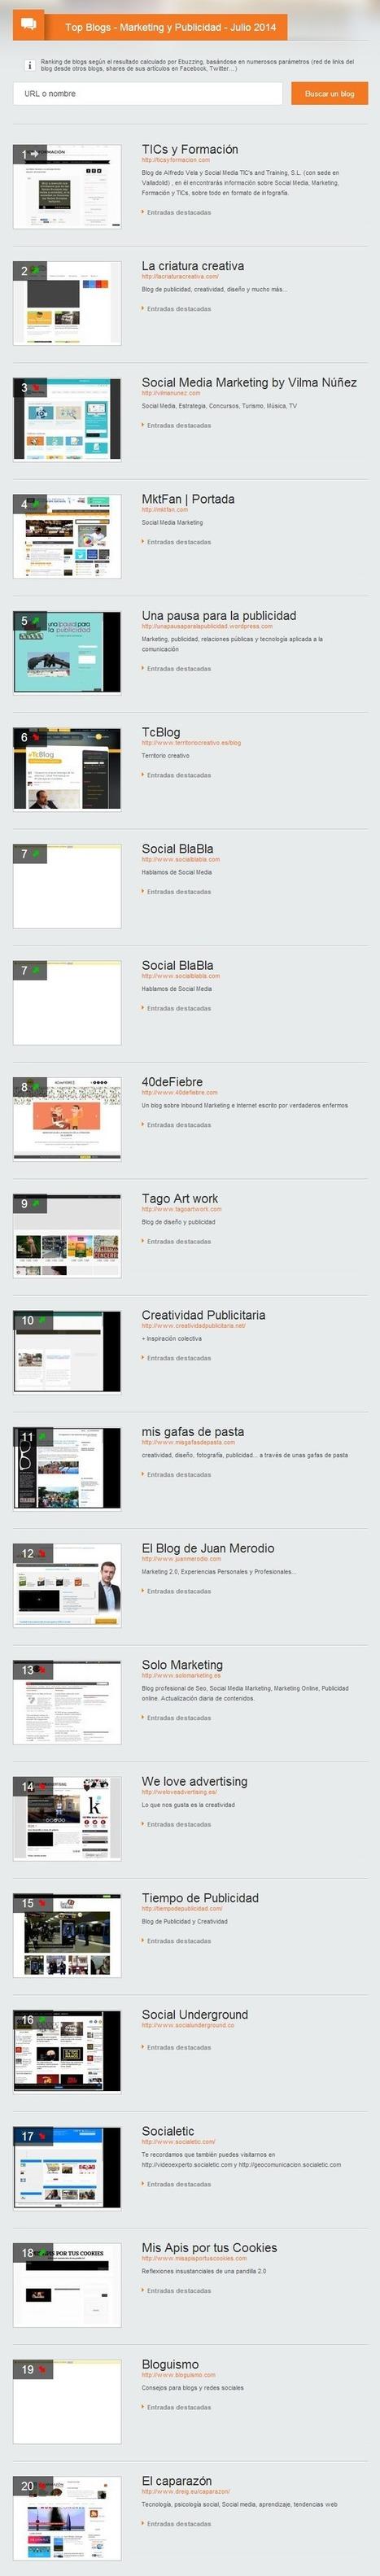 Top 20 blogs sobre marketing y publicidad más influyentes (7/2014) #infografia #infographic #marketing | Seo, Social Media Marketing | Scoop.it